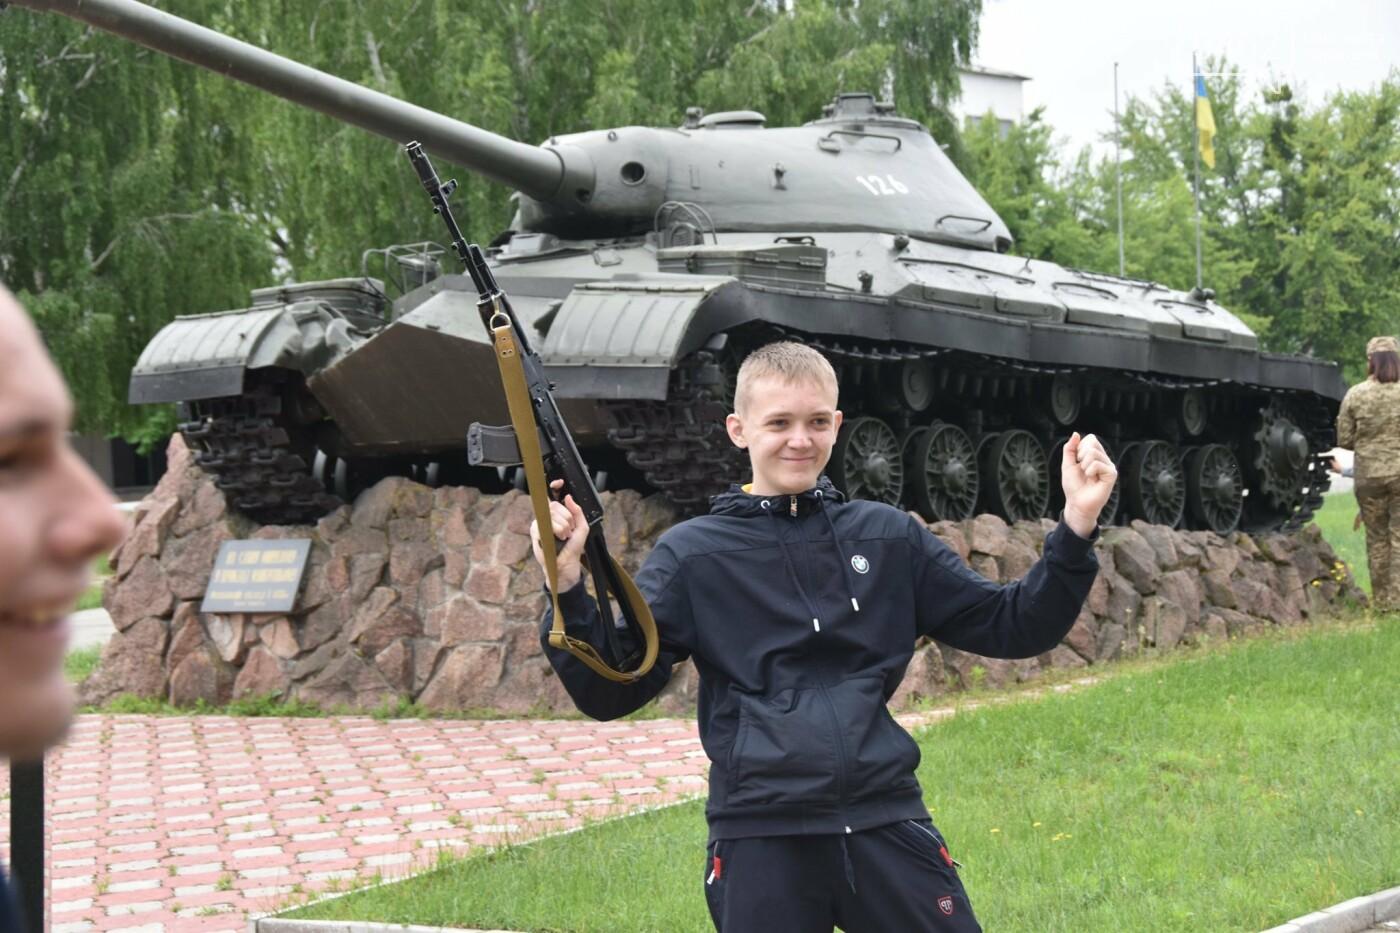 Як стати танкістом. Чернігівським дітям військові показали свою роботу і побут, фото-7